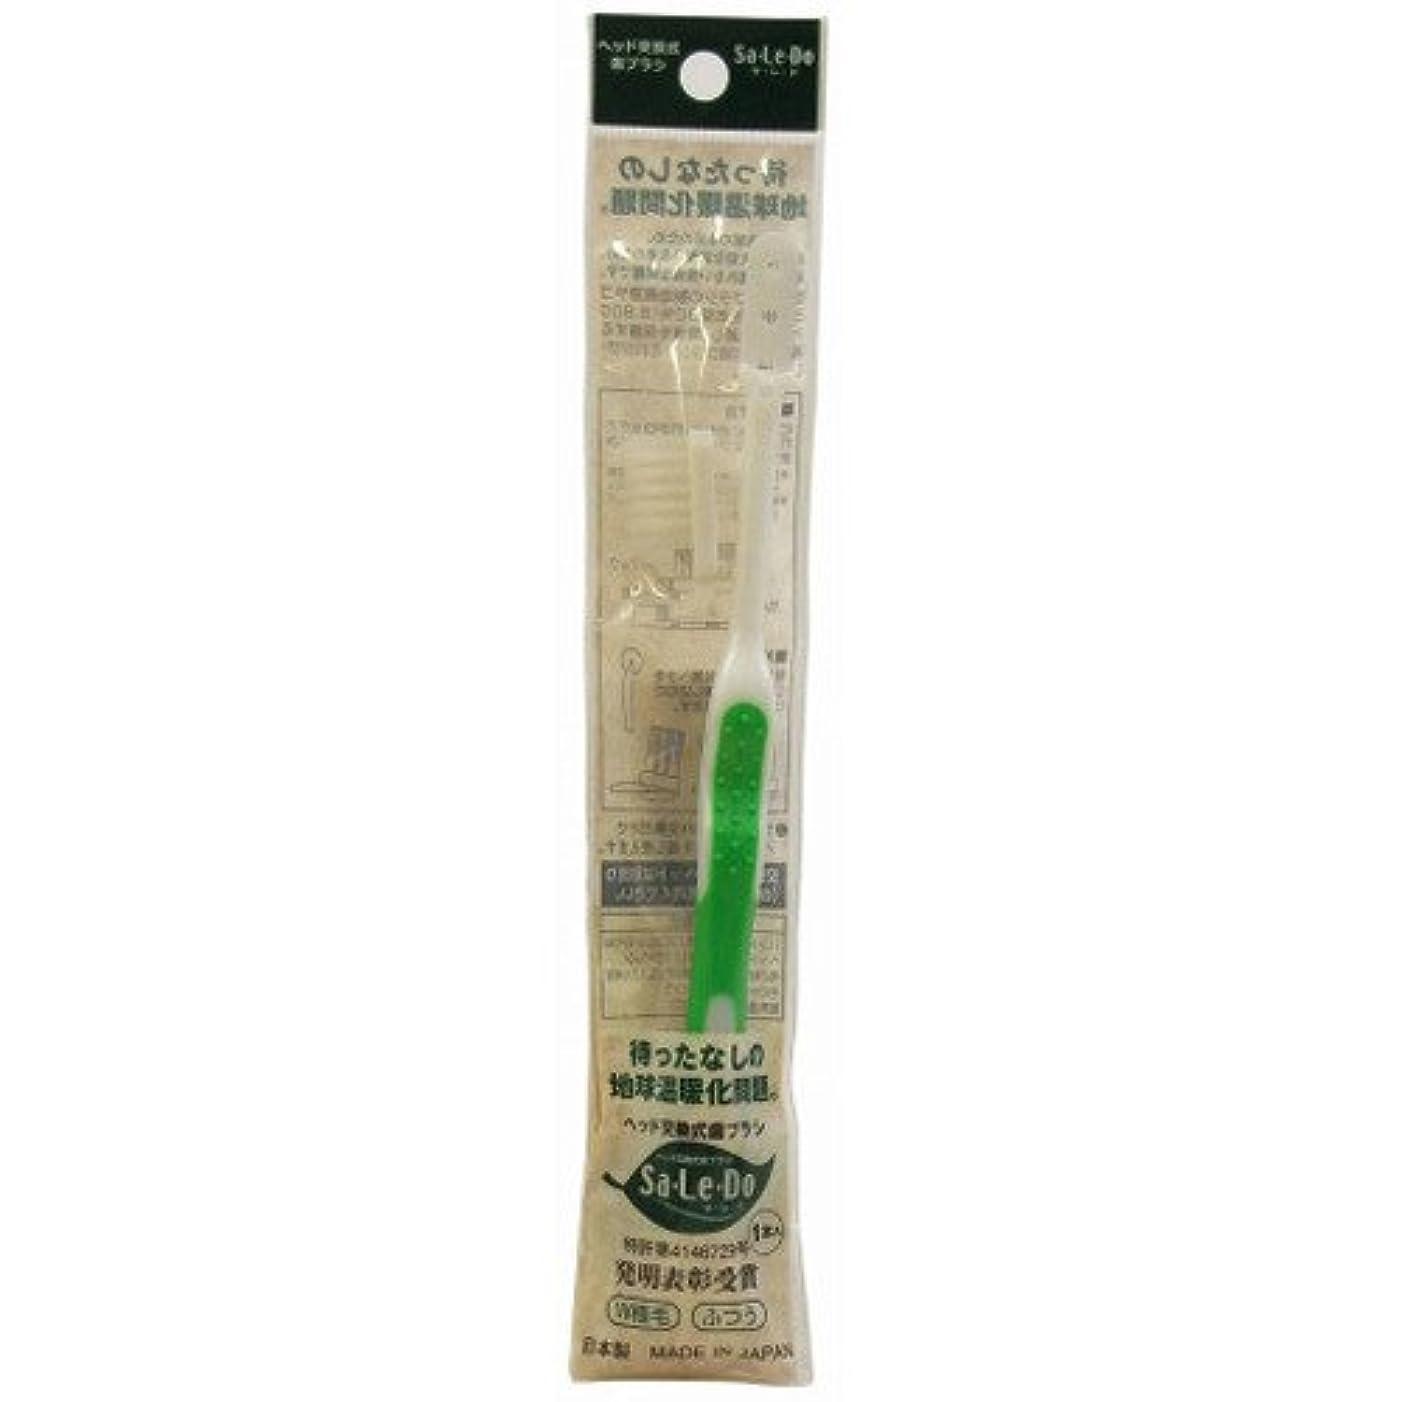 汚染された時々時々飲み込むサレド ヘッド交換式歯ブラシ お試しセット レギュラーヘッド グリーン